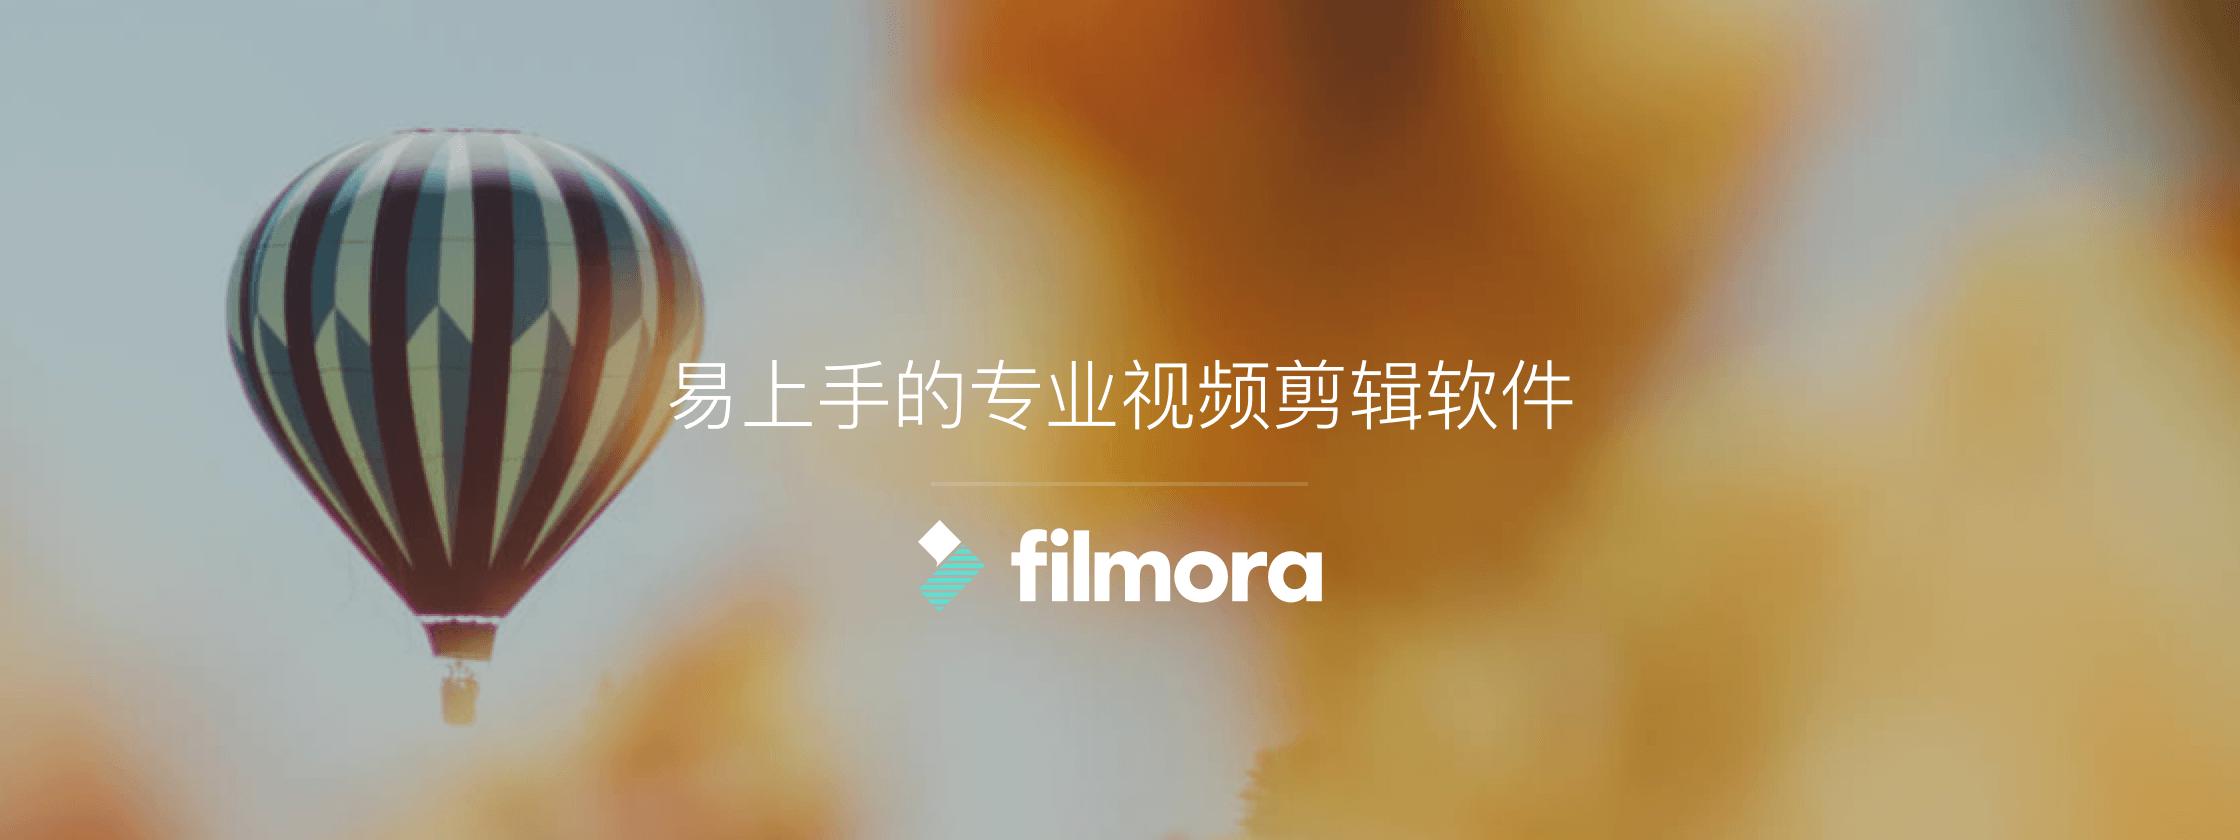 Filmora – 易上手的专业视频剪辑软件